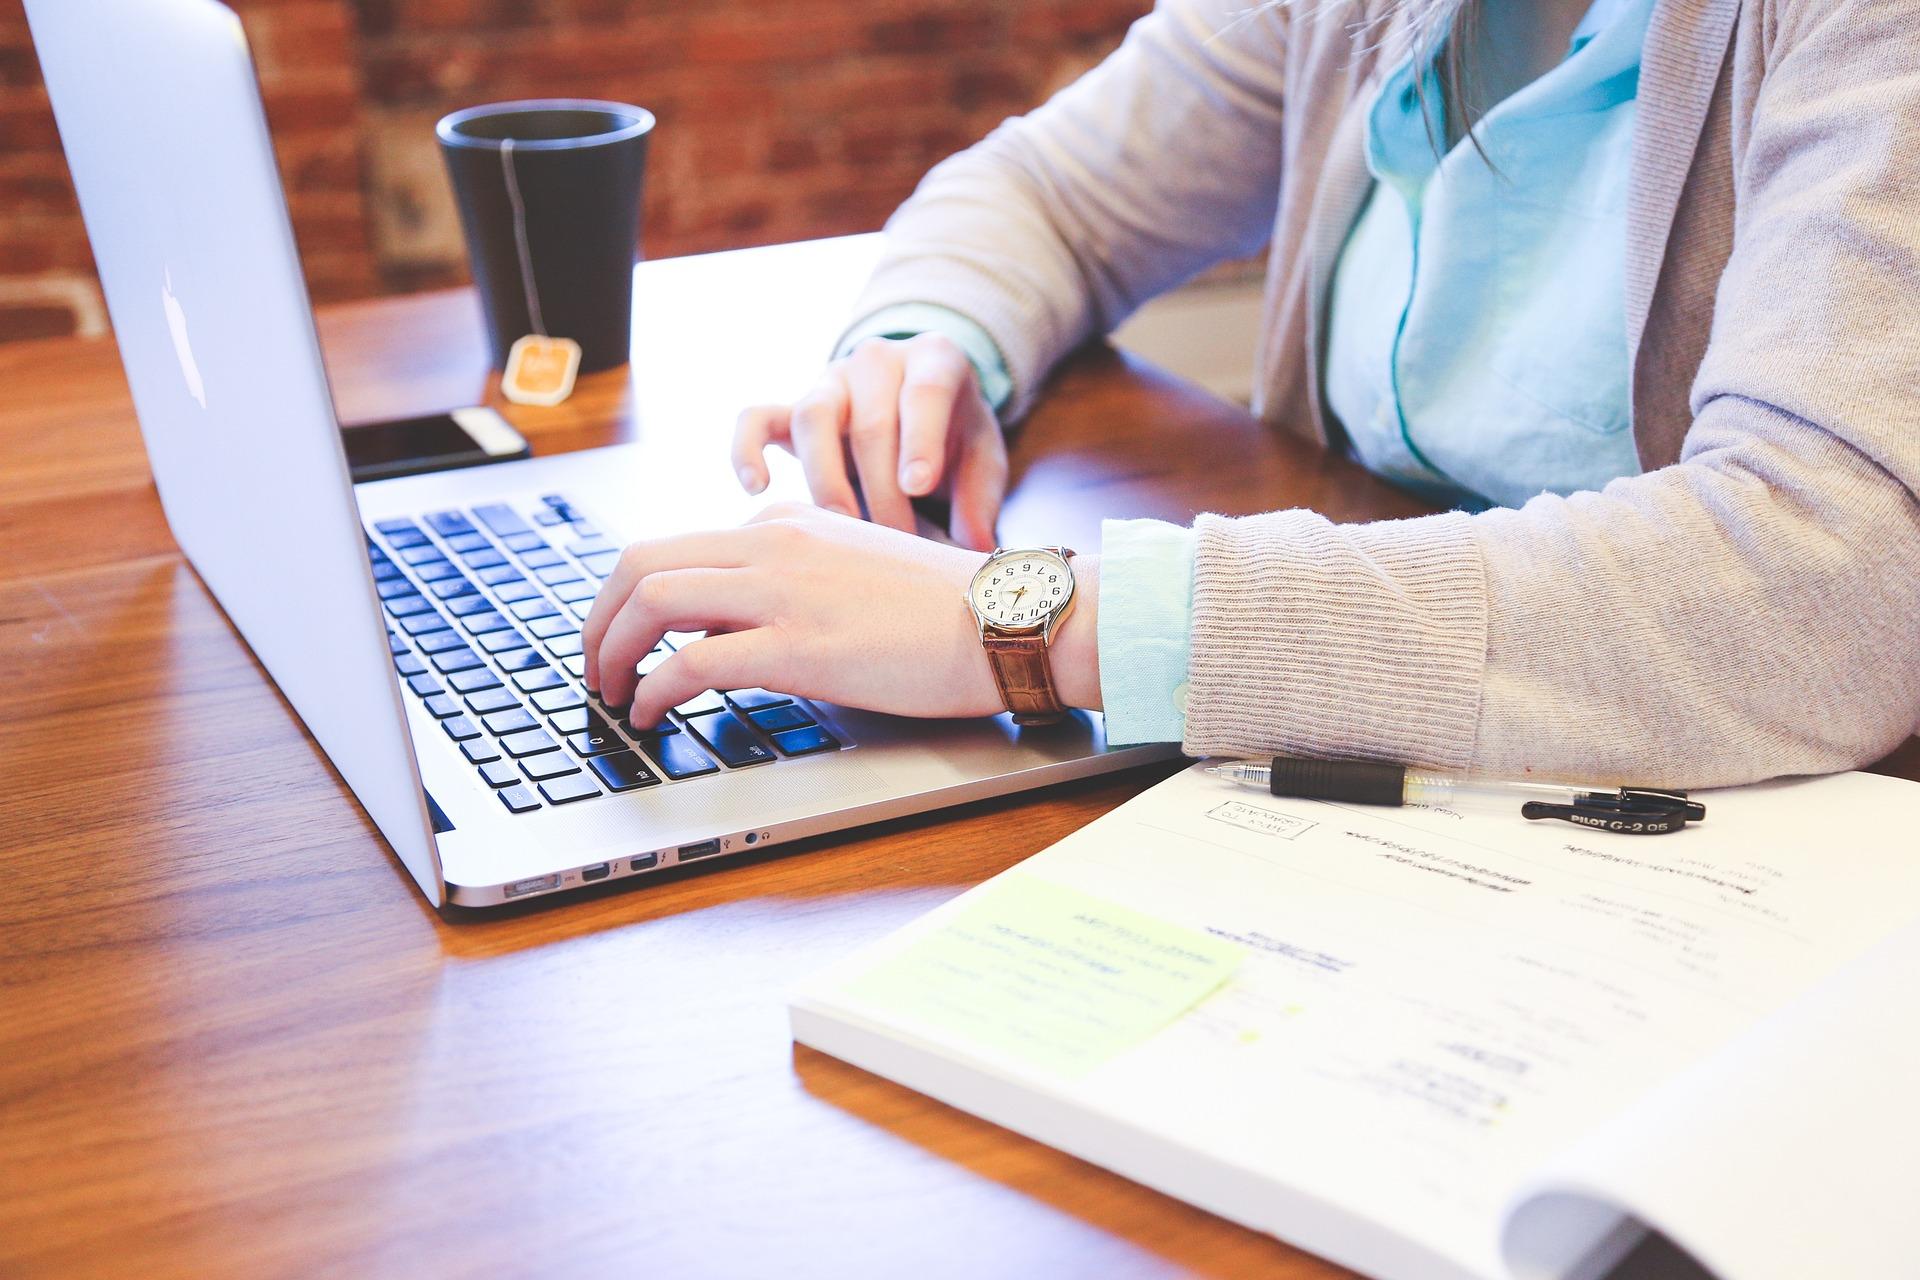 整理整頓,仕事,タイマー,改善,効率化,業務